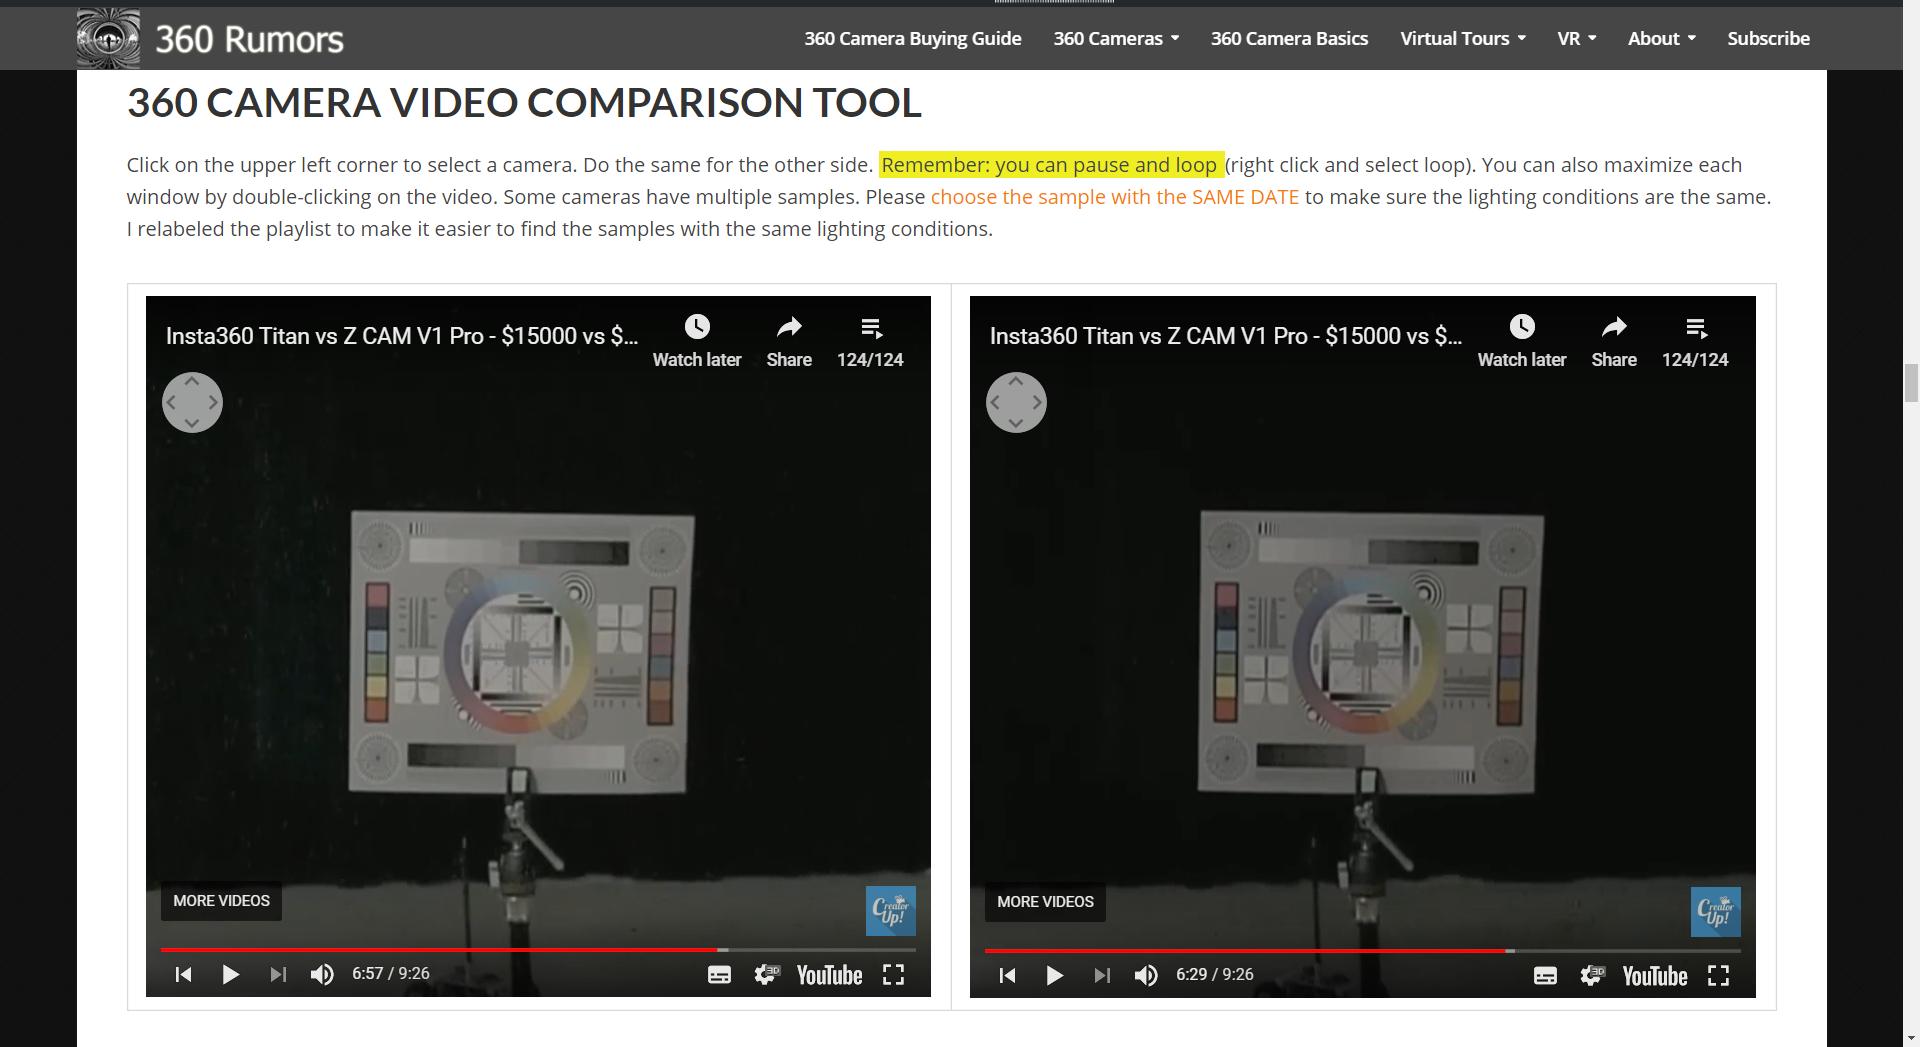 Insta360 Titan (left) vs Z Cam V1 Pro (right)